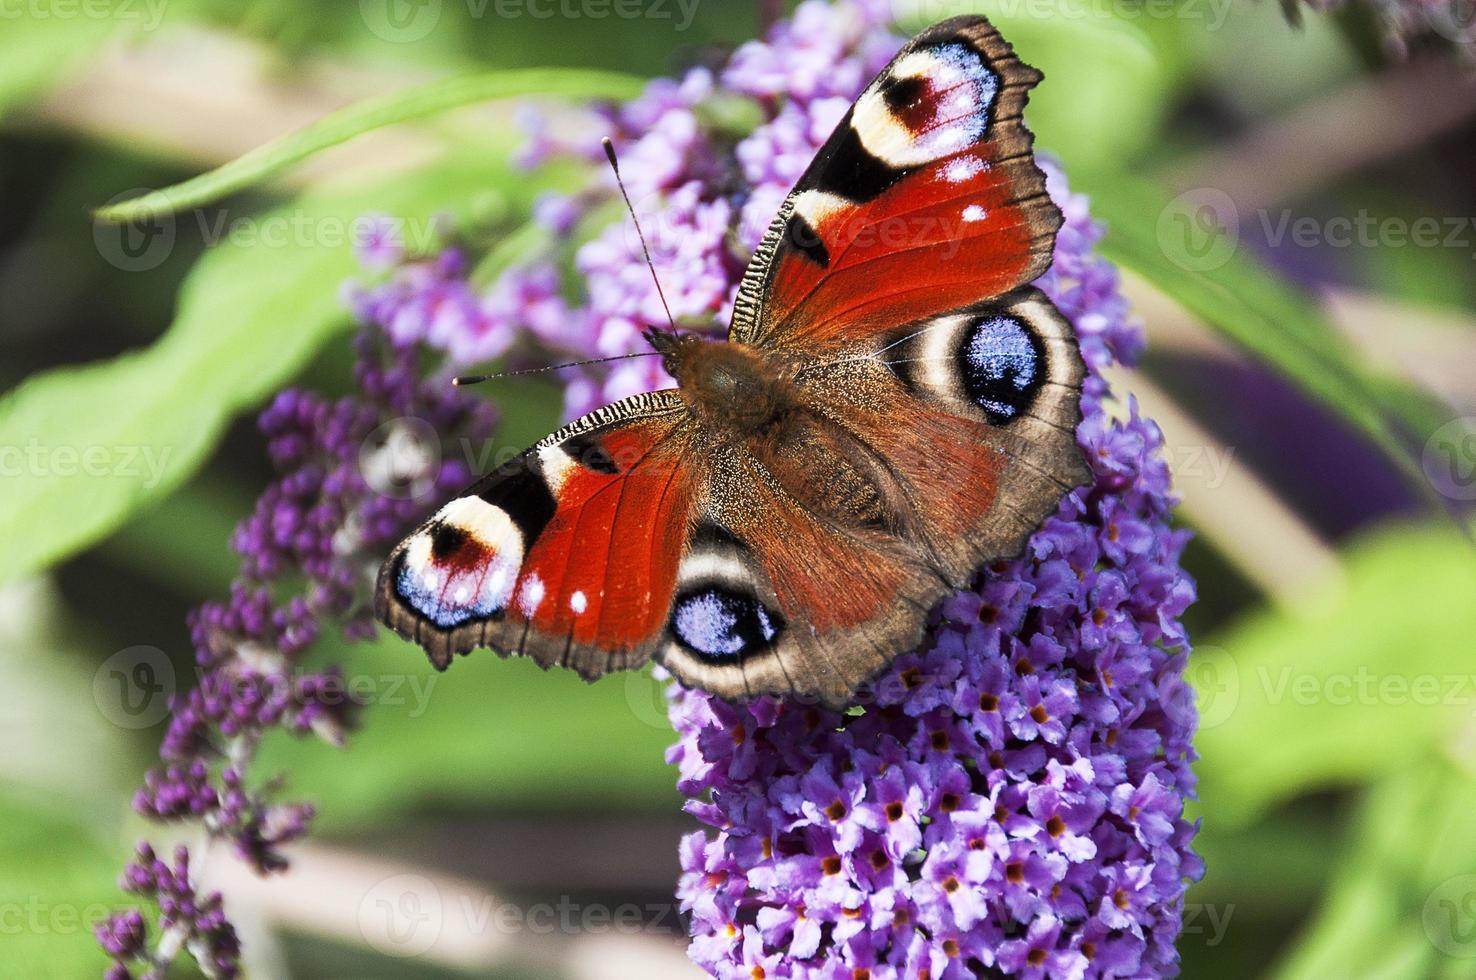 mariposa pavo real sentado en una rama de flores buddleia foto